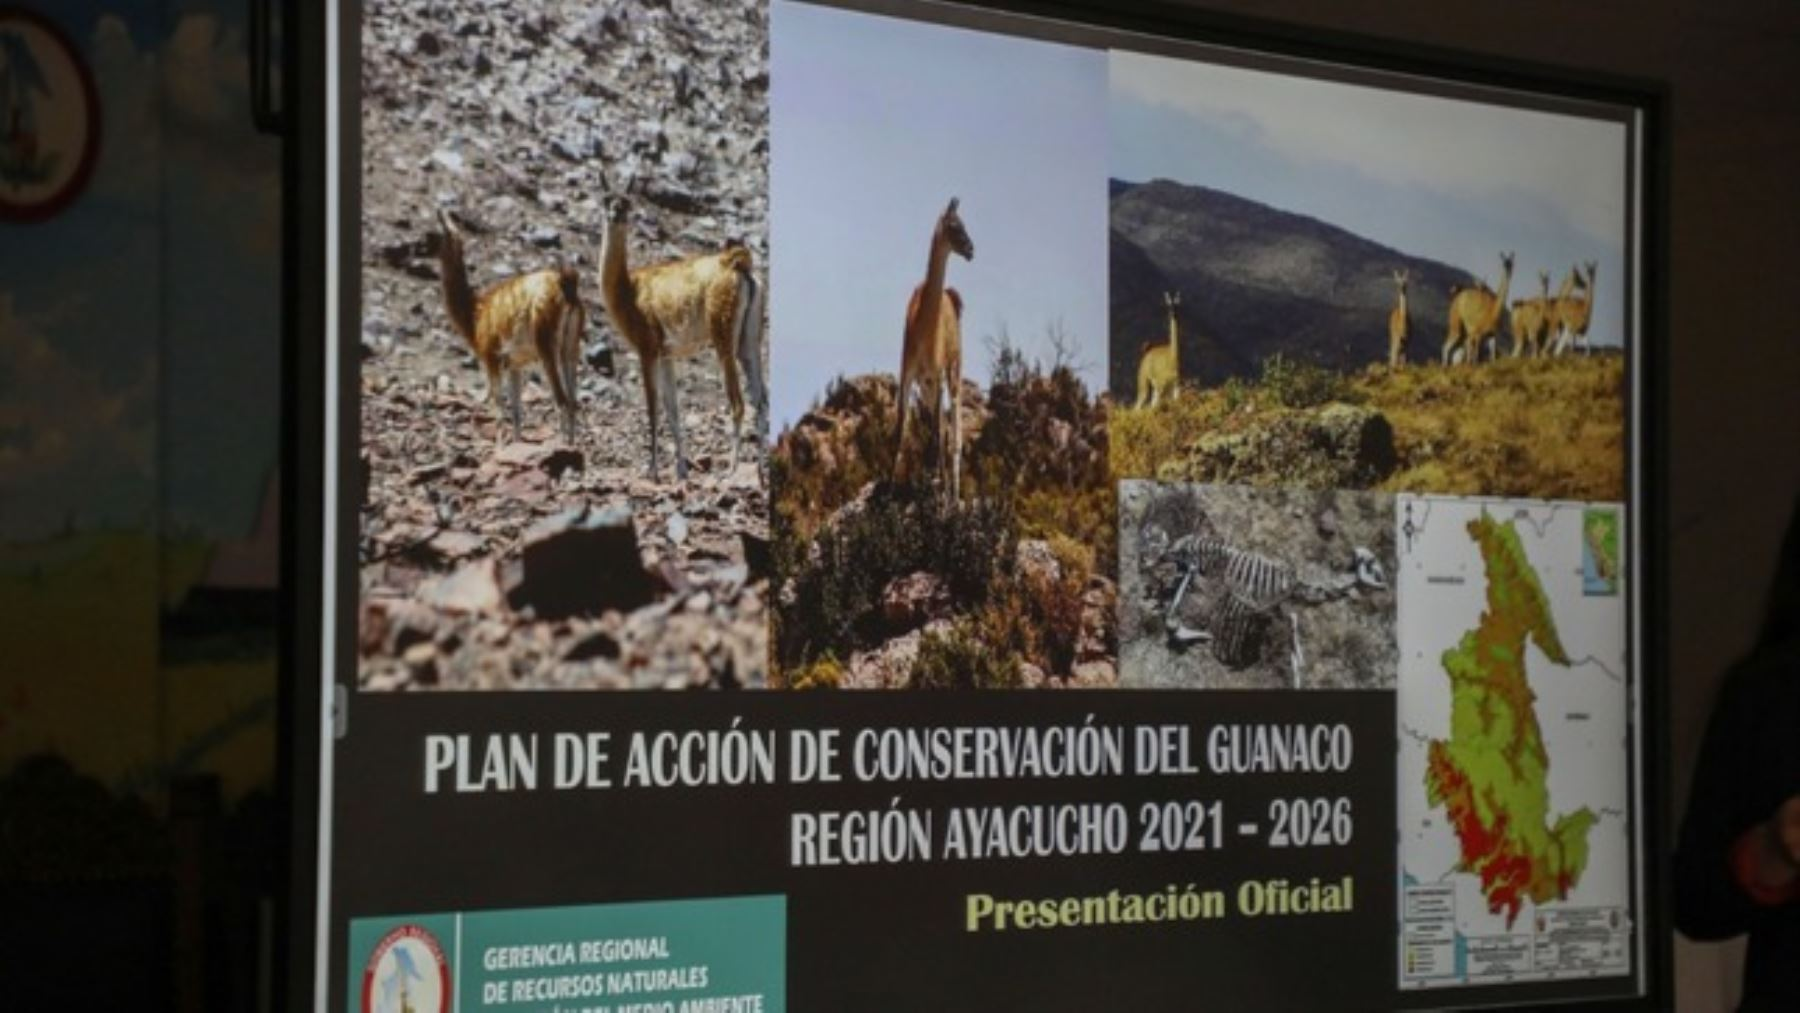 Ayacucho: socializan Plan de Acción de Conservación del Guanaco 2021-2026